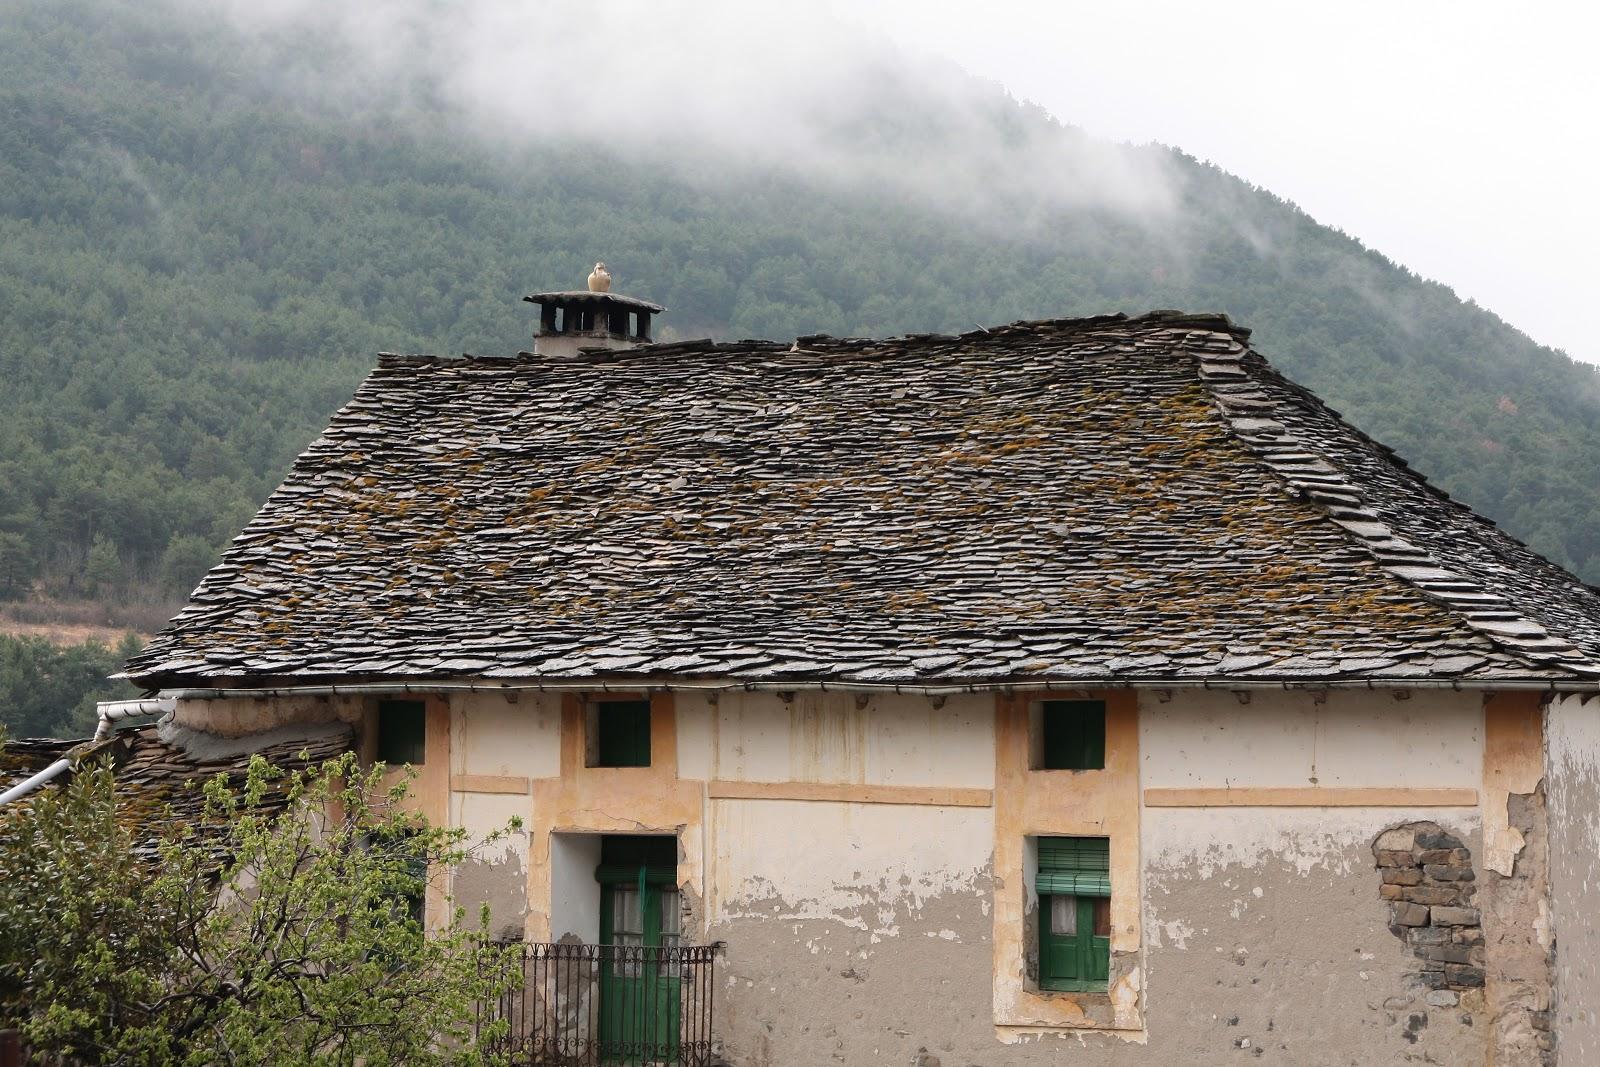 Buscando a pyrene empezando la casa por el tejado primera parte - La casa en el tejado ...